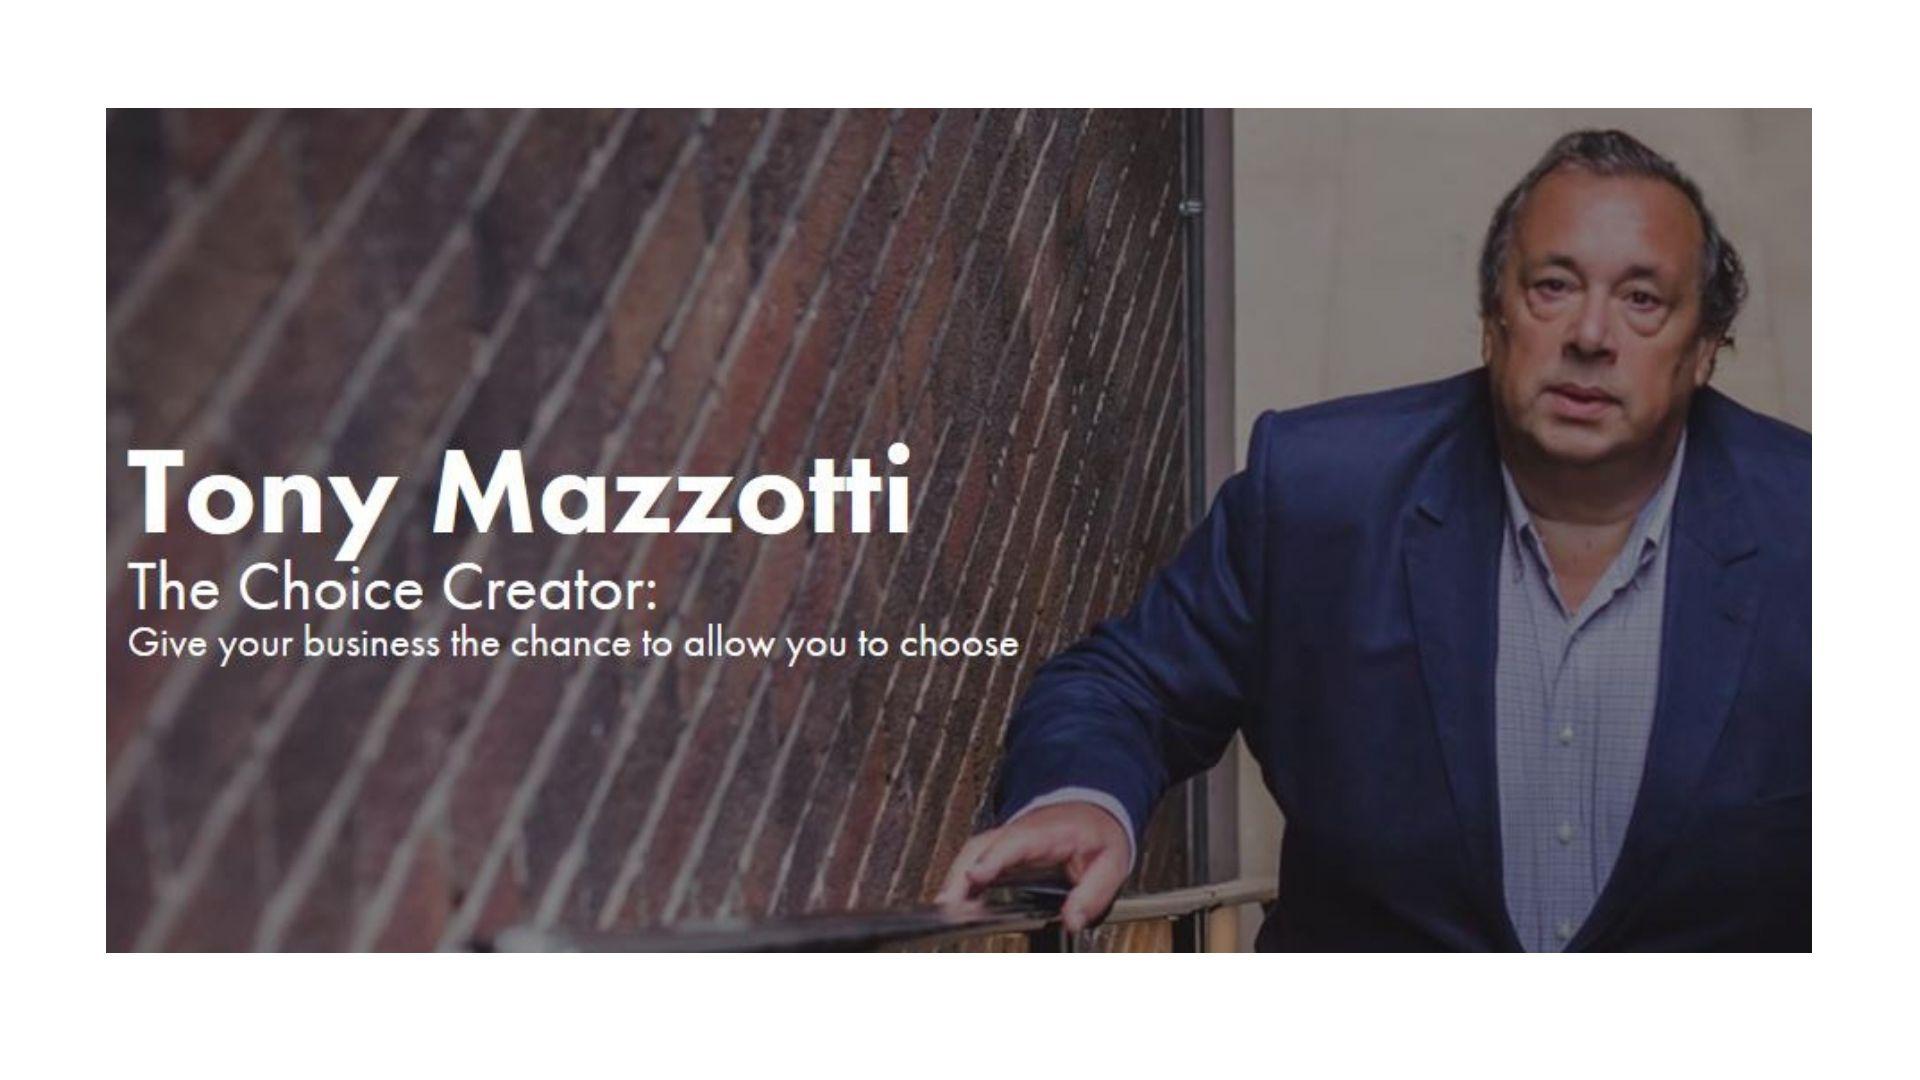 Tony Mazzotti - Action Coach